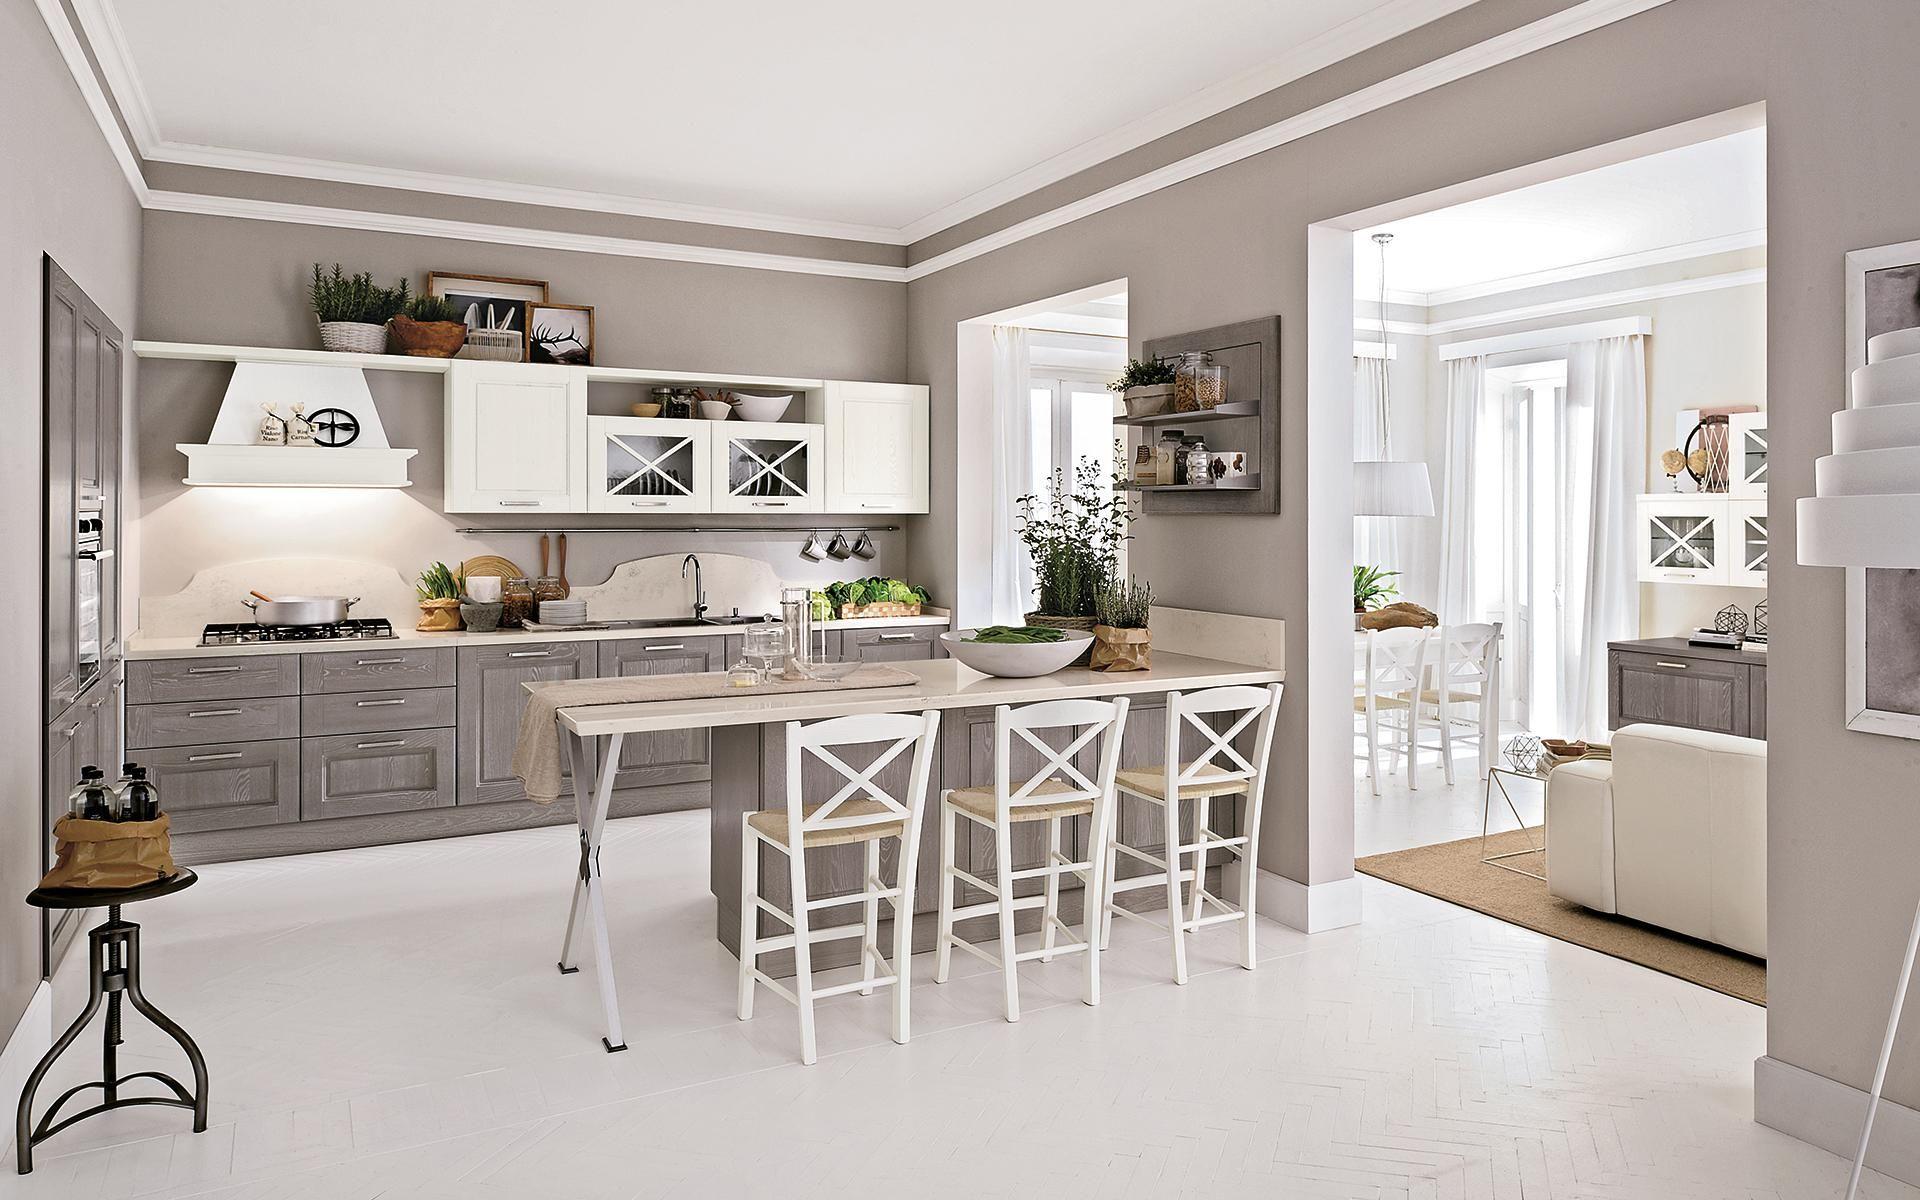 Cucina classica grigio chiaro e bianca | Arredamento cucina ...